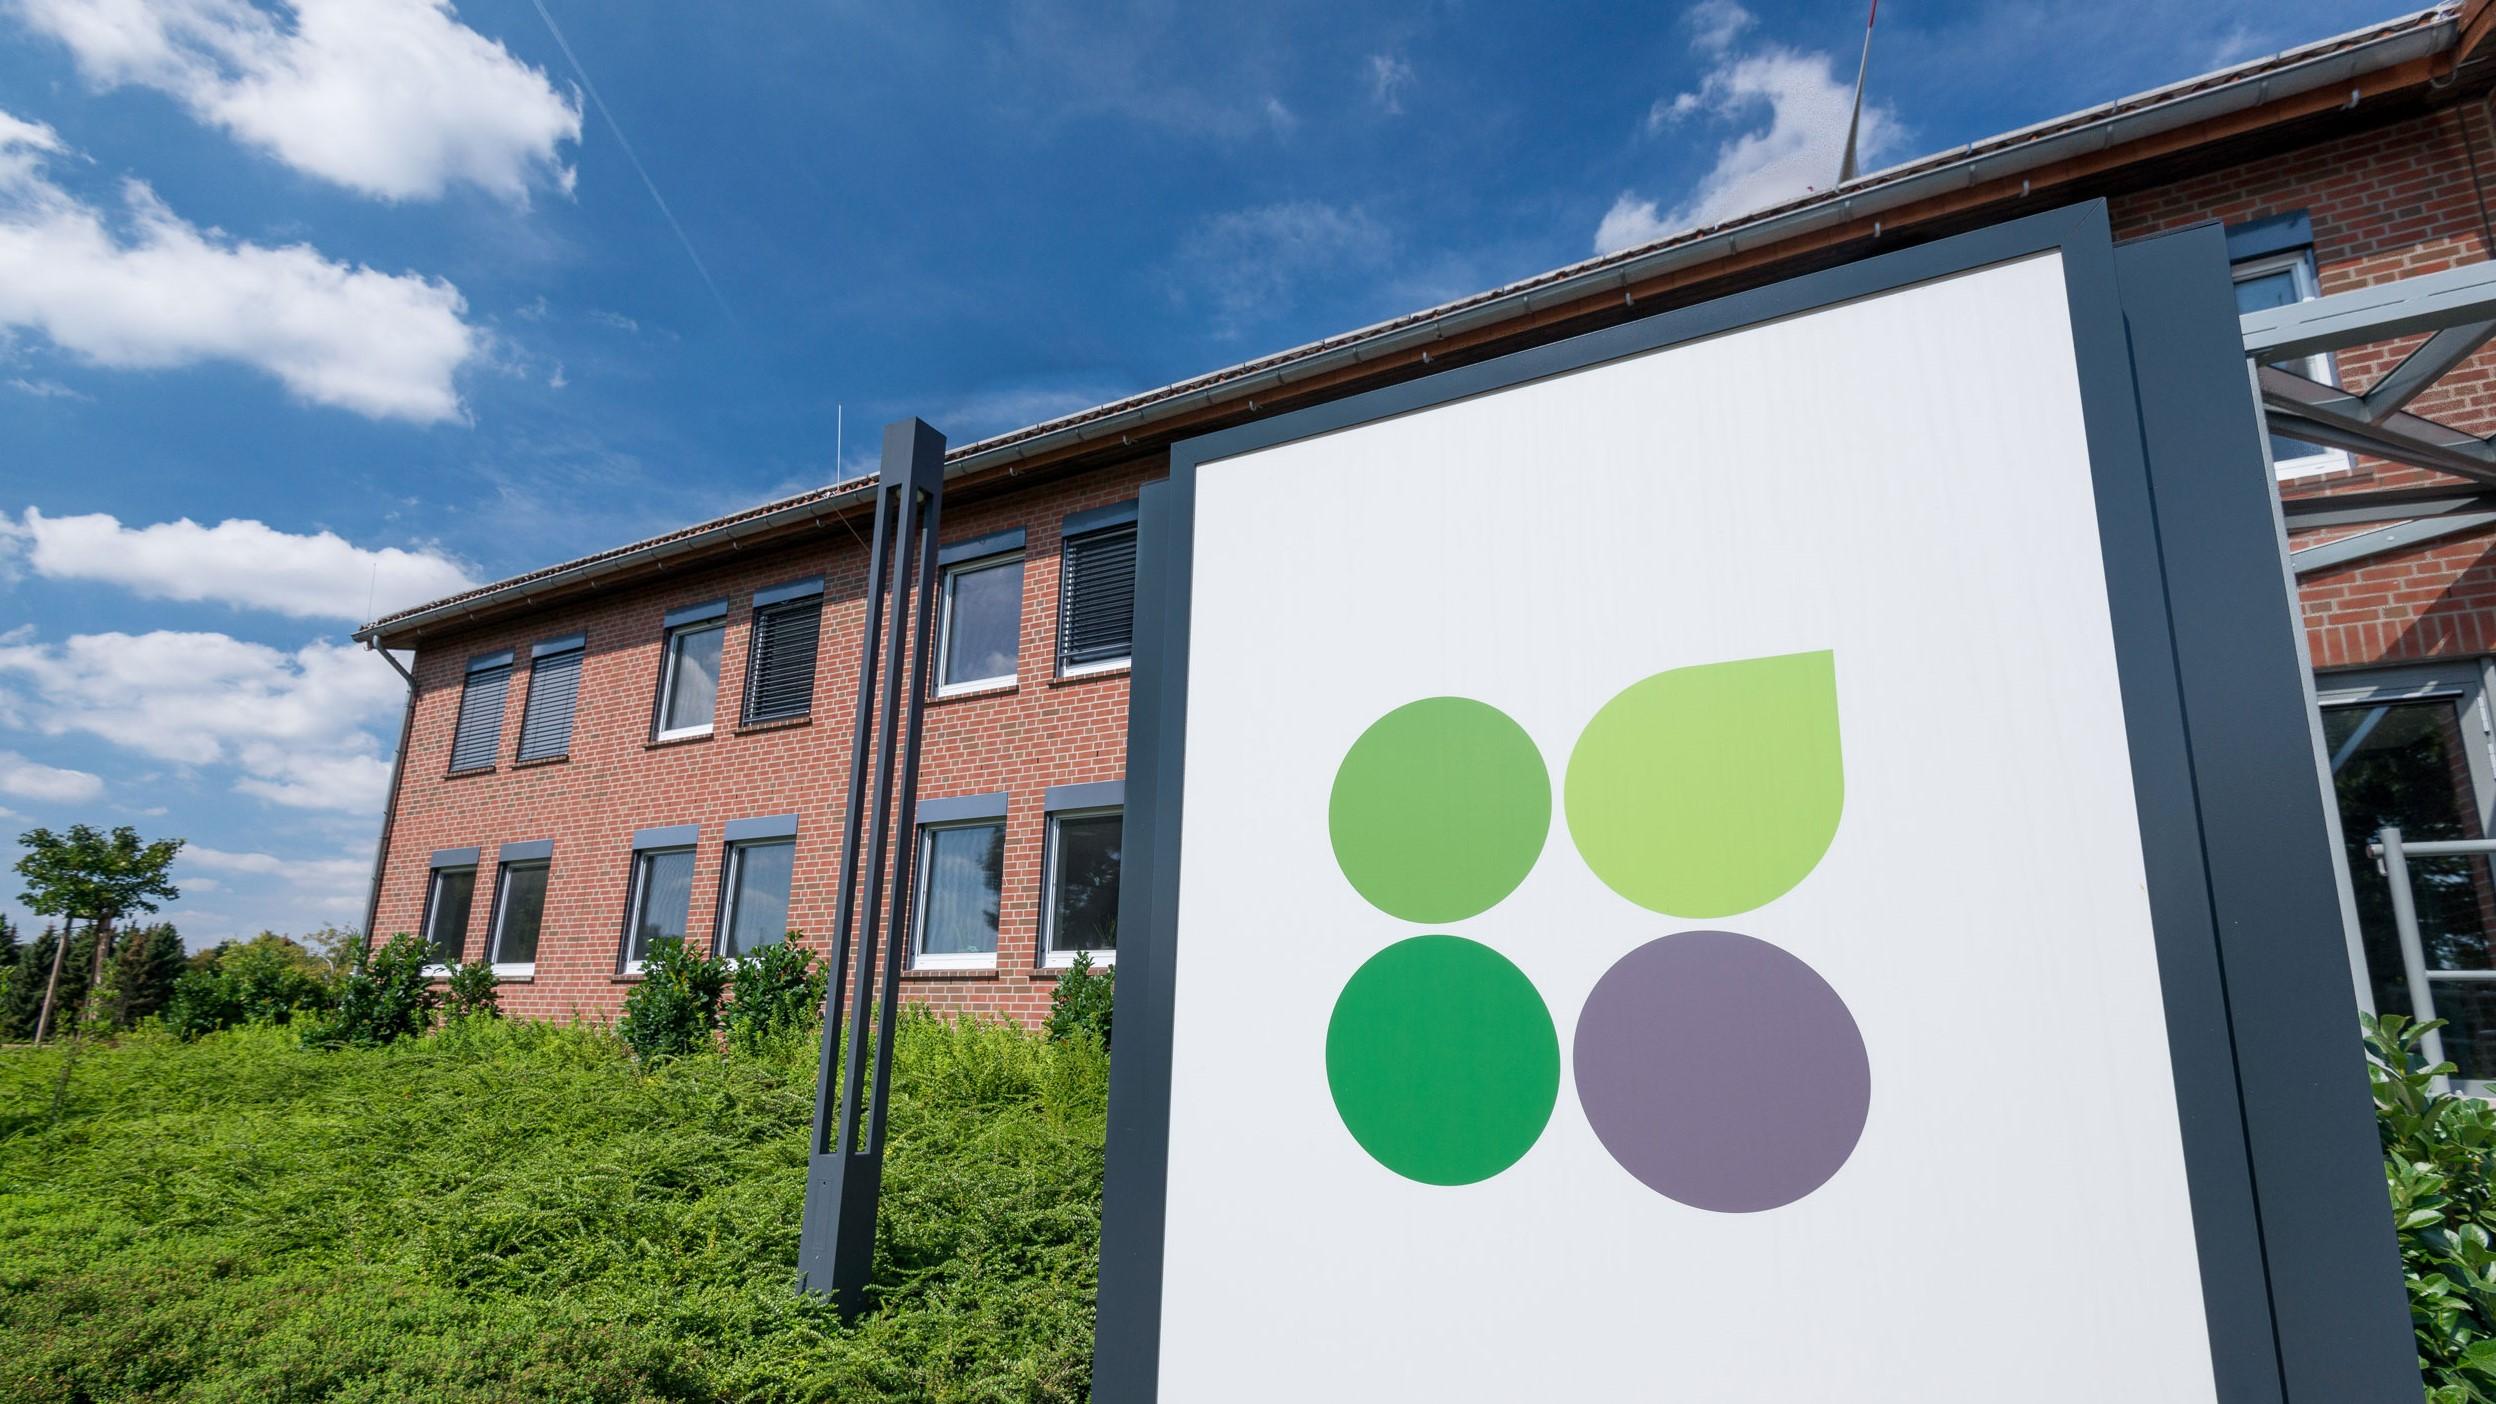 EGST Verwaltung - Case Study Entsorgungsgesellschaft Steinfurt mbH